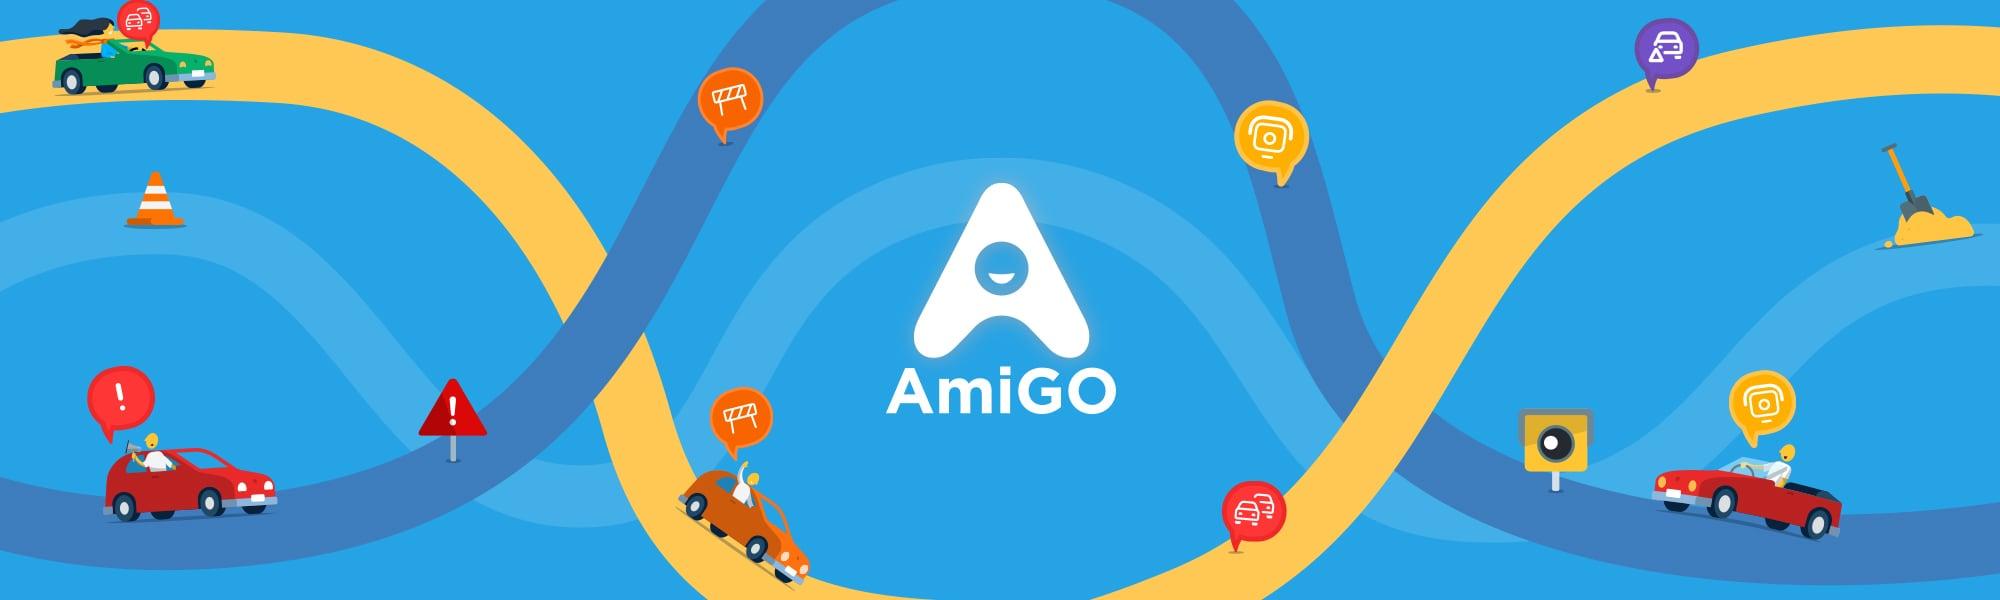 TomTom AmiGO app